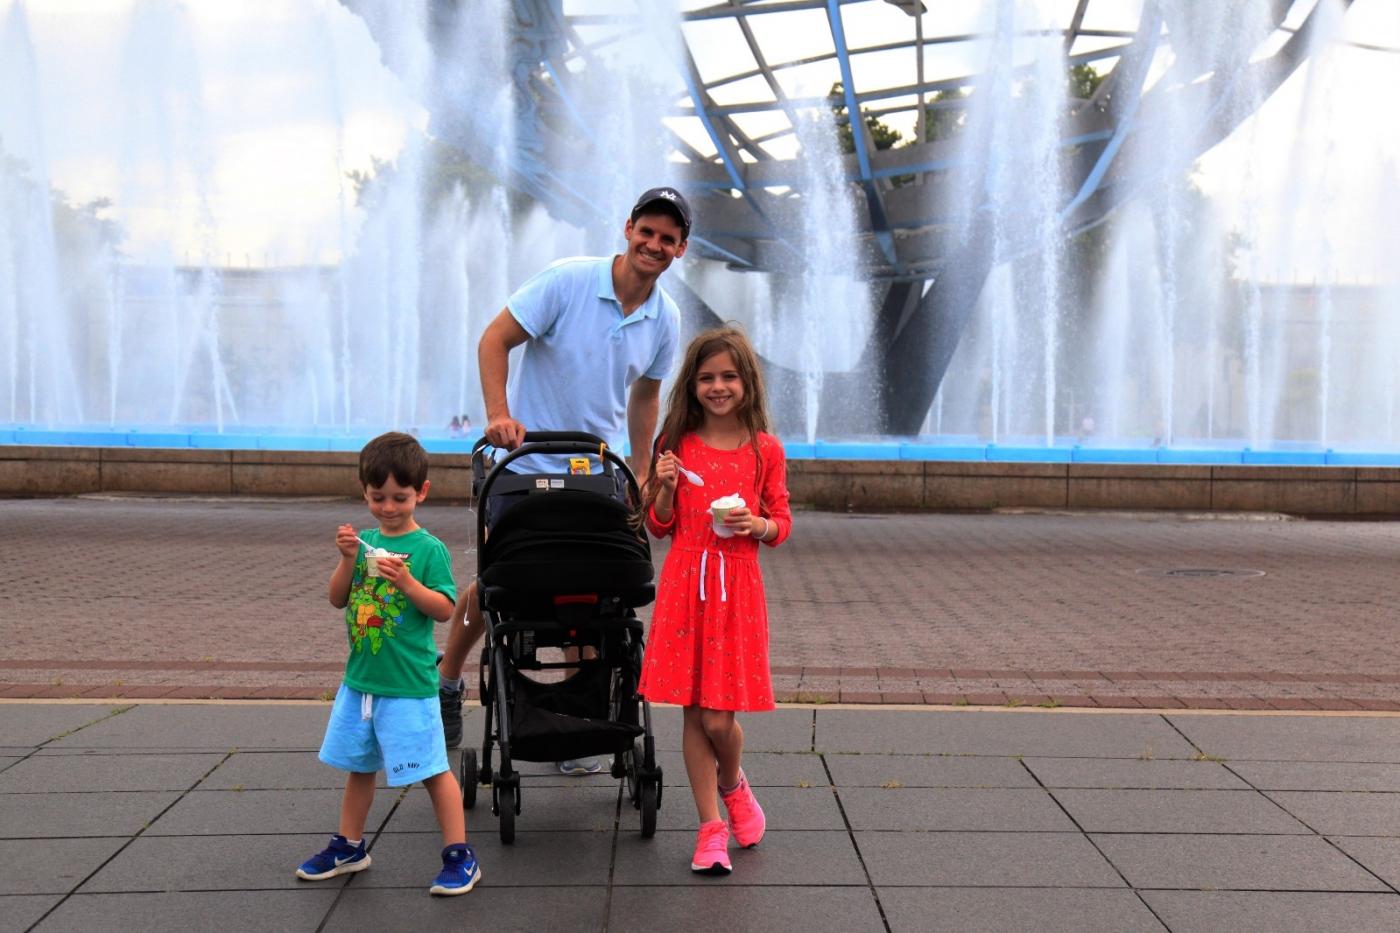 炎夏的可乐娜公园地球仪喷水池,是法拉盛周边居民休闲,娱乐的好地方 ..._图1-1